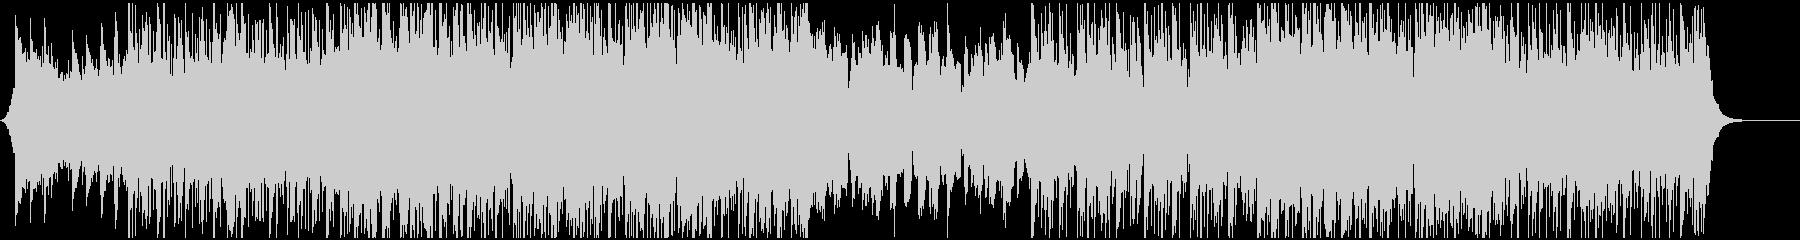 ミニマルなドリーミーエレクトロポップ の未再生の波形